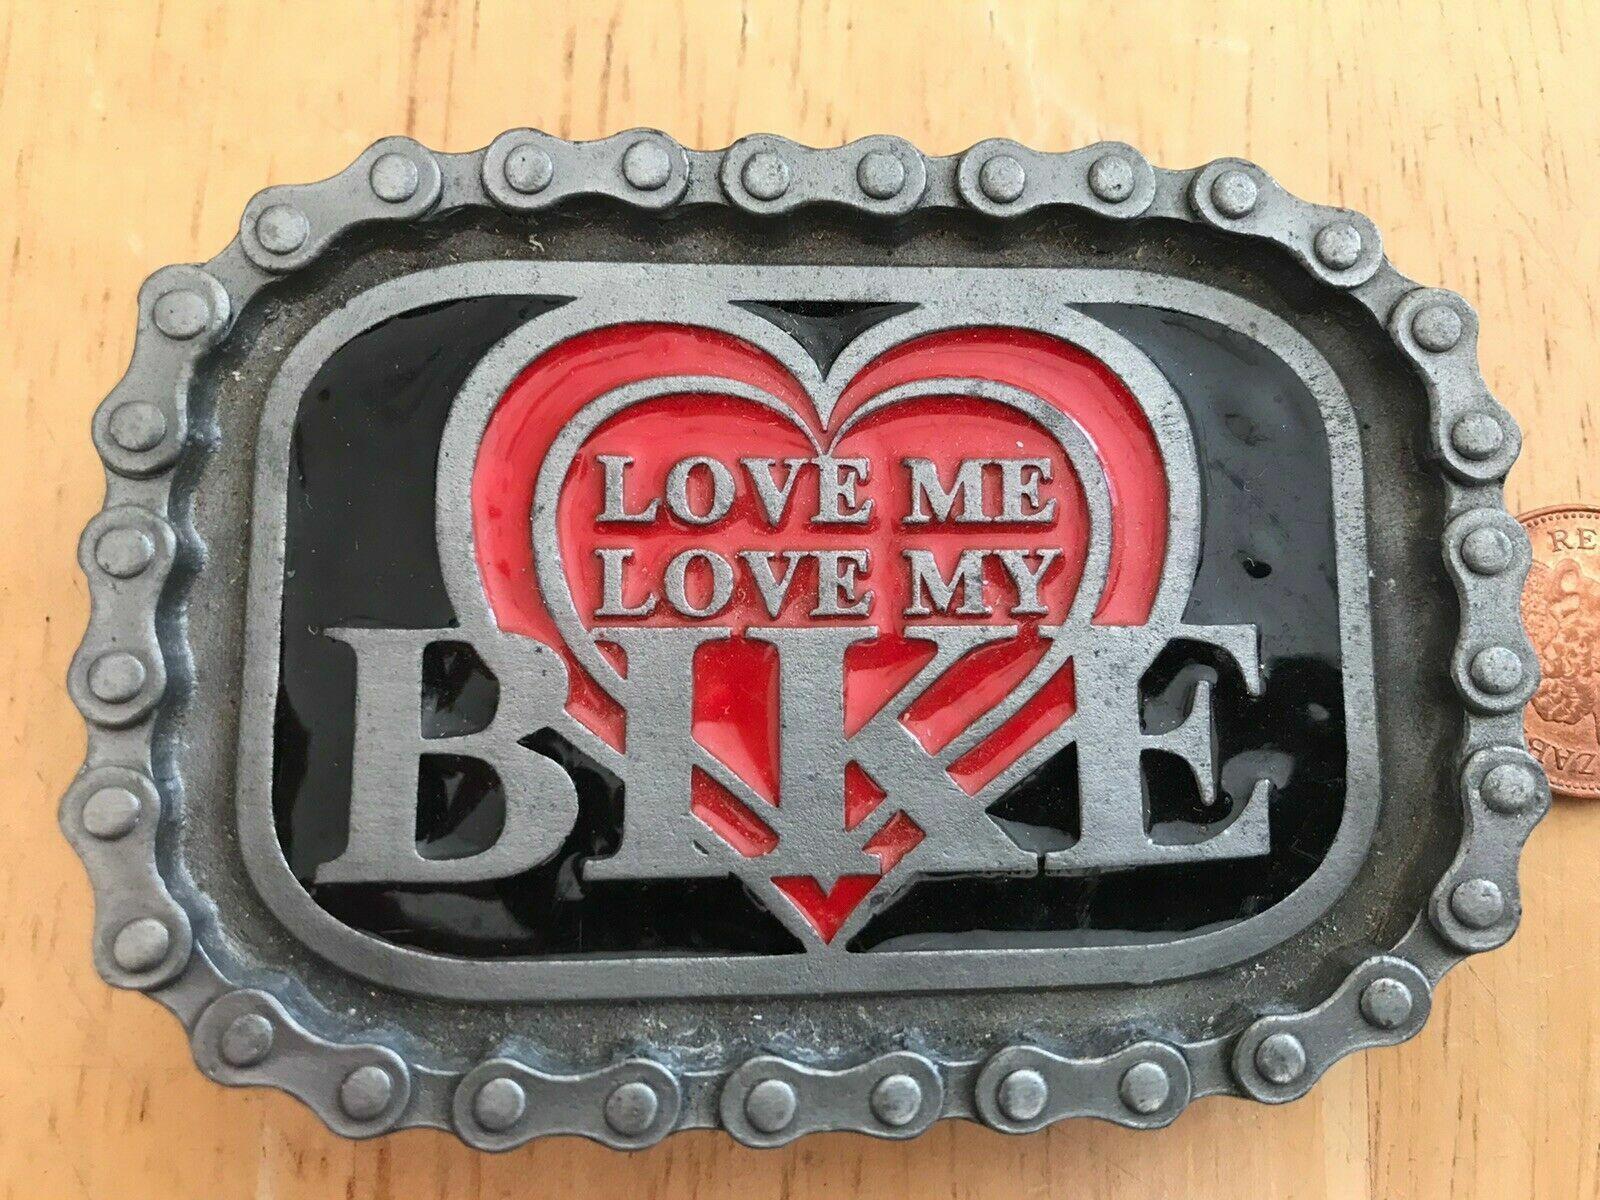 Bulldog belt buckle Tan 412 Love Me Love My Bike. Made In USA. Size ~85x60 mm